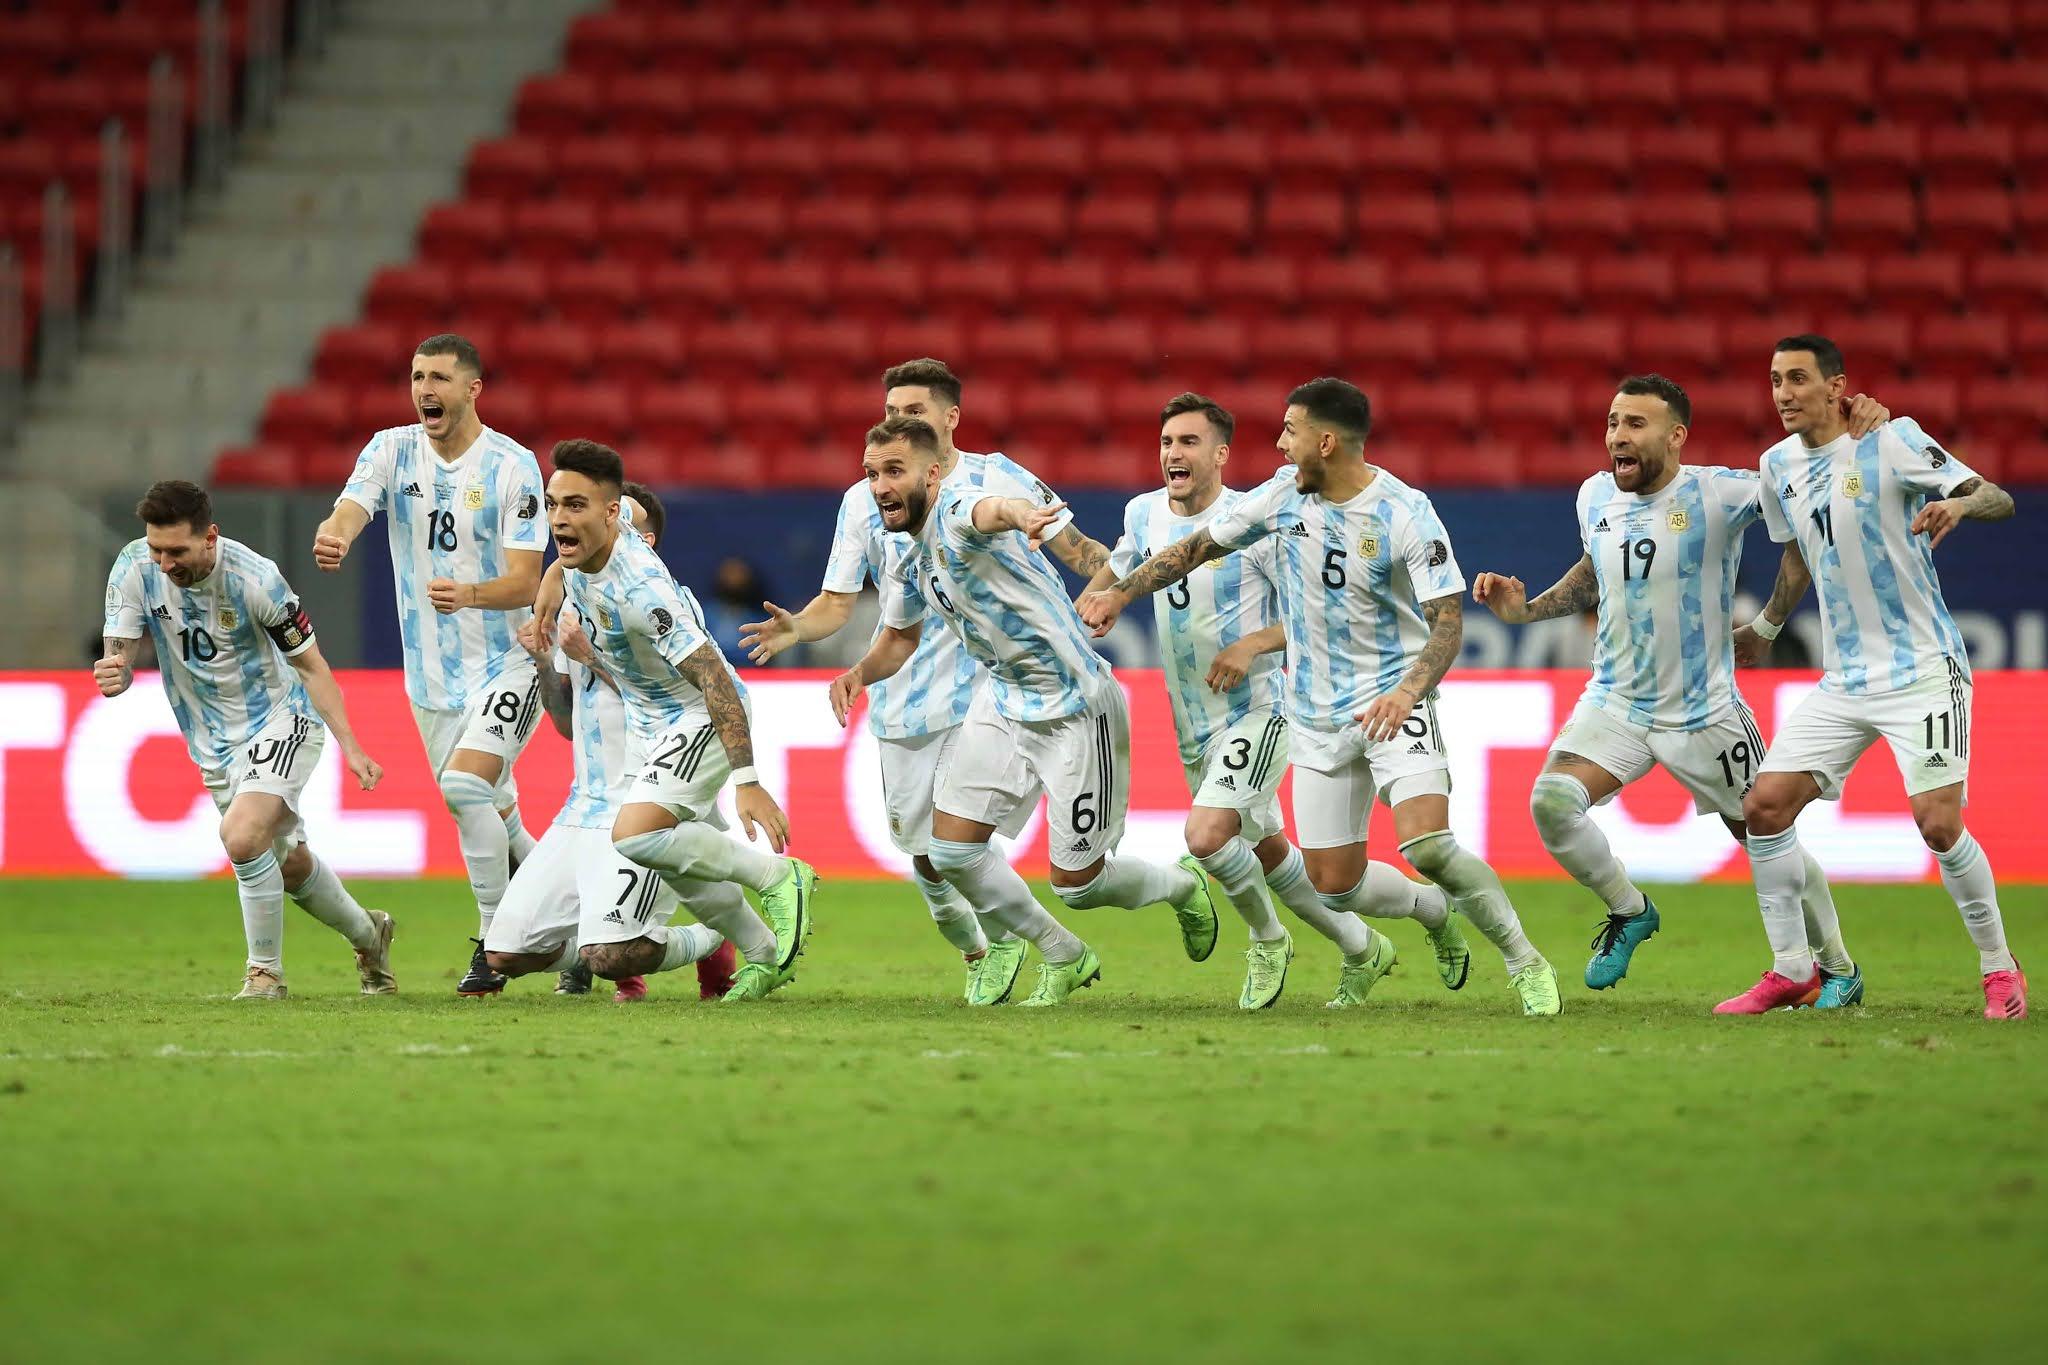 La Selección Argentina superó a Colombia en los penales y es finalista de la Copa América